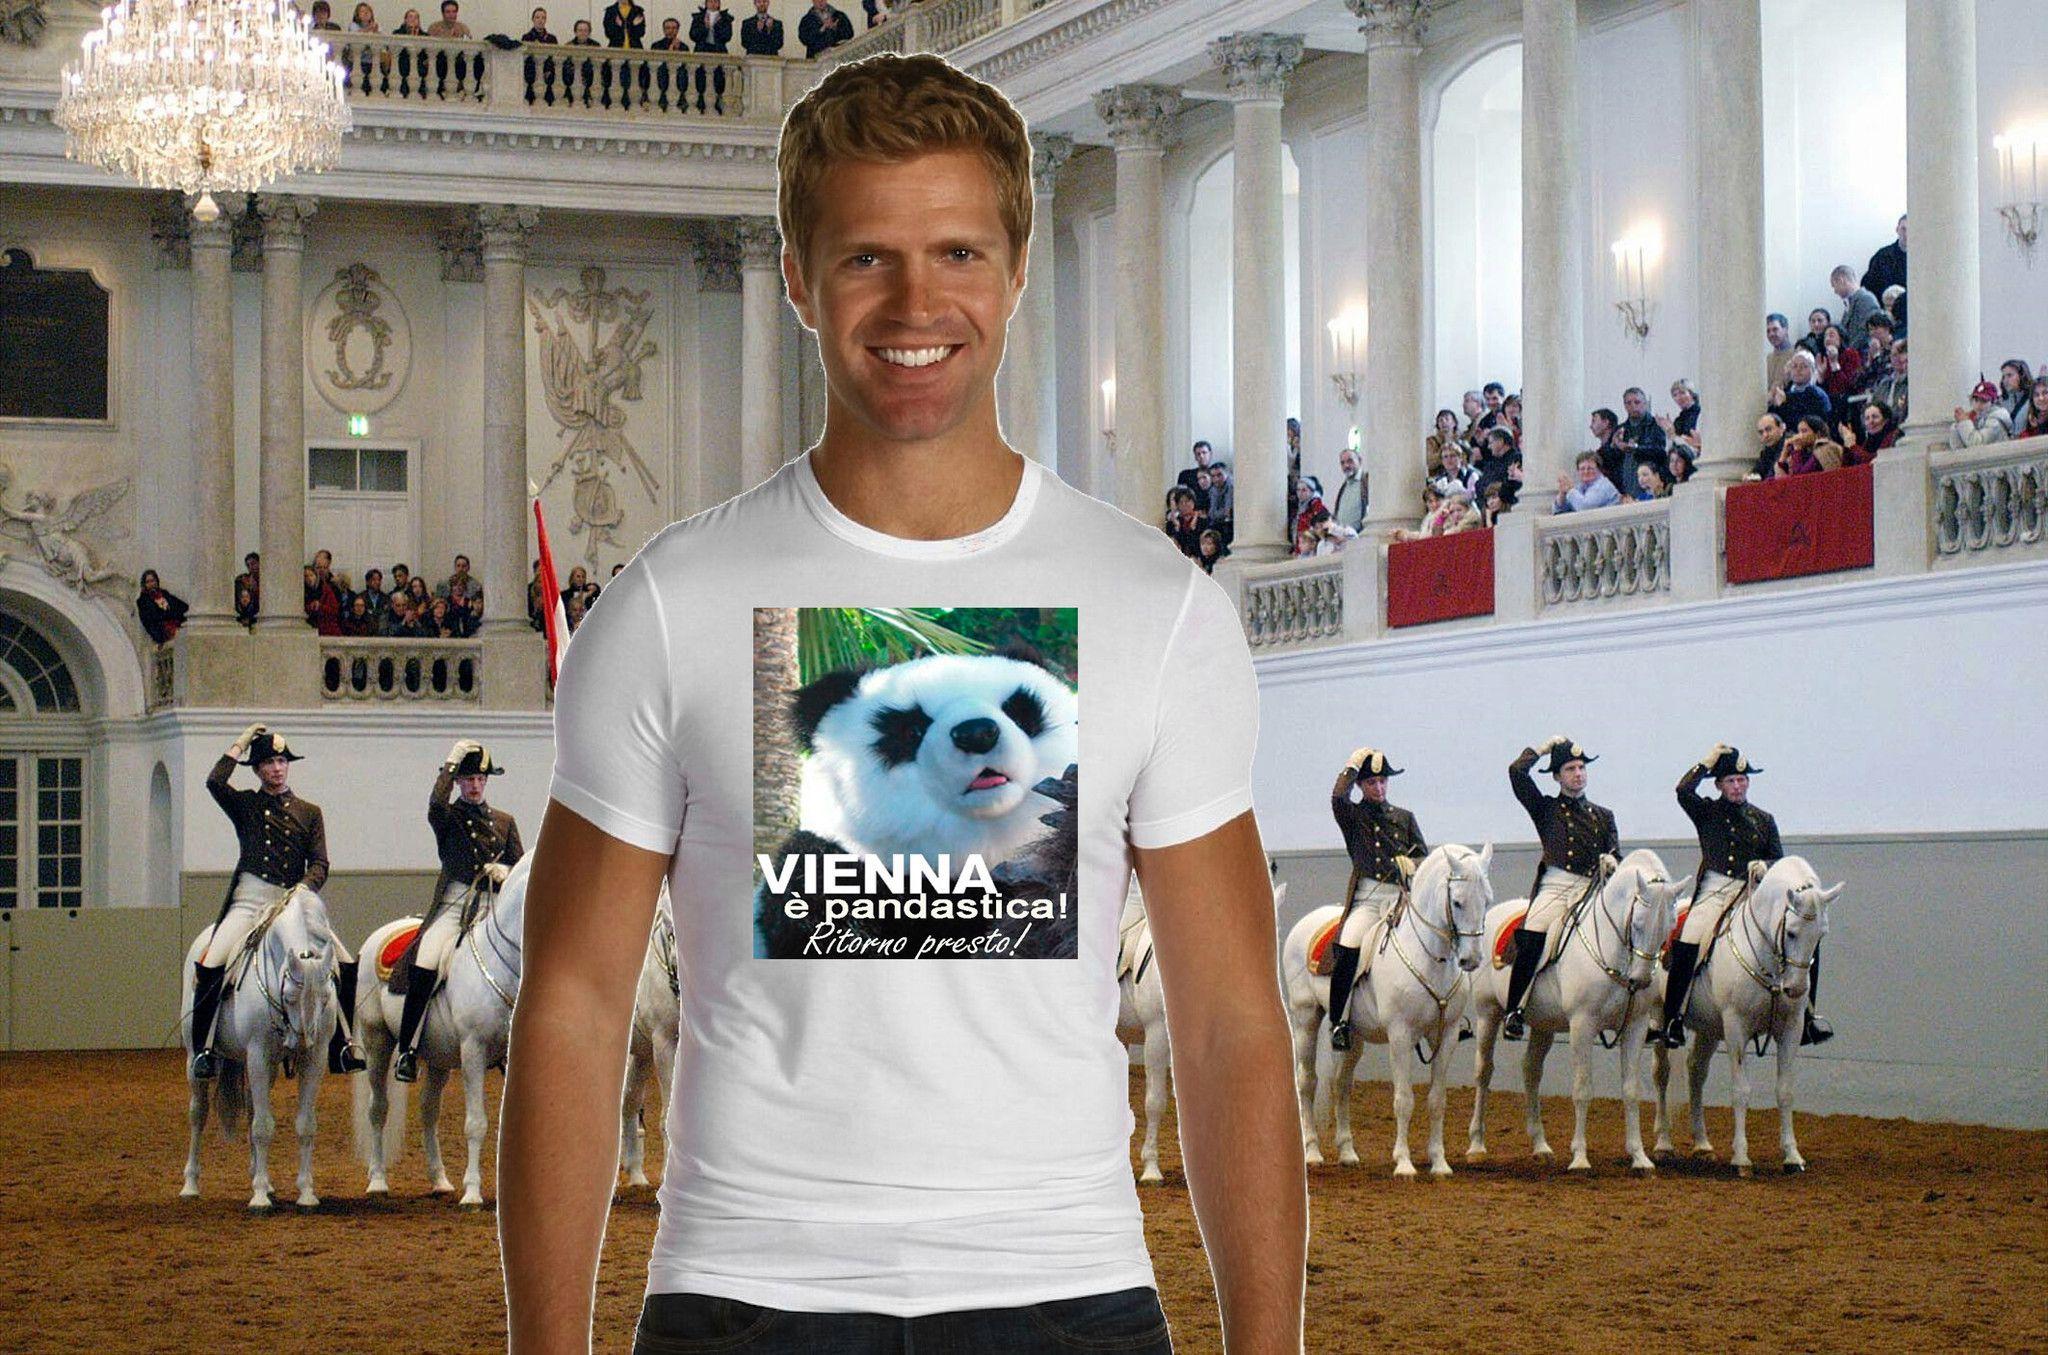 VIENNA è pandastica! - Ritorno presto!